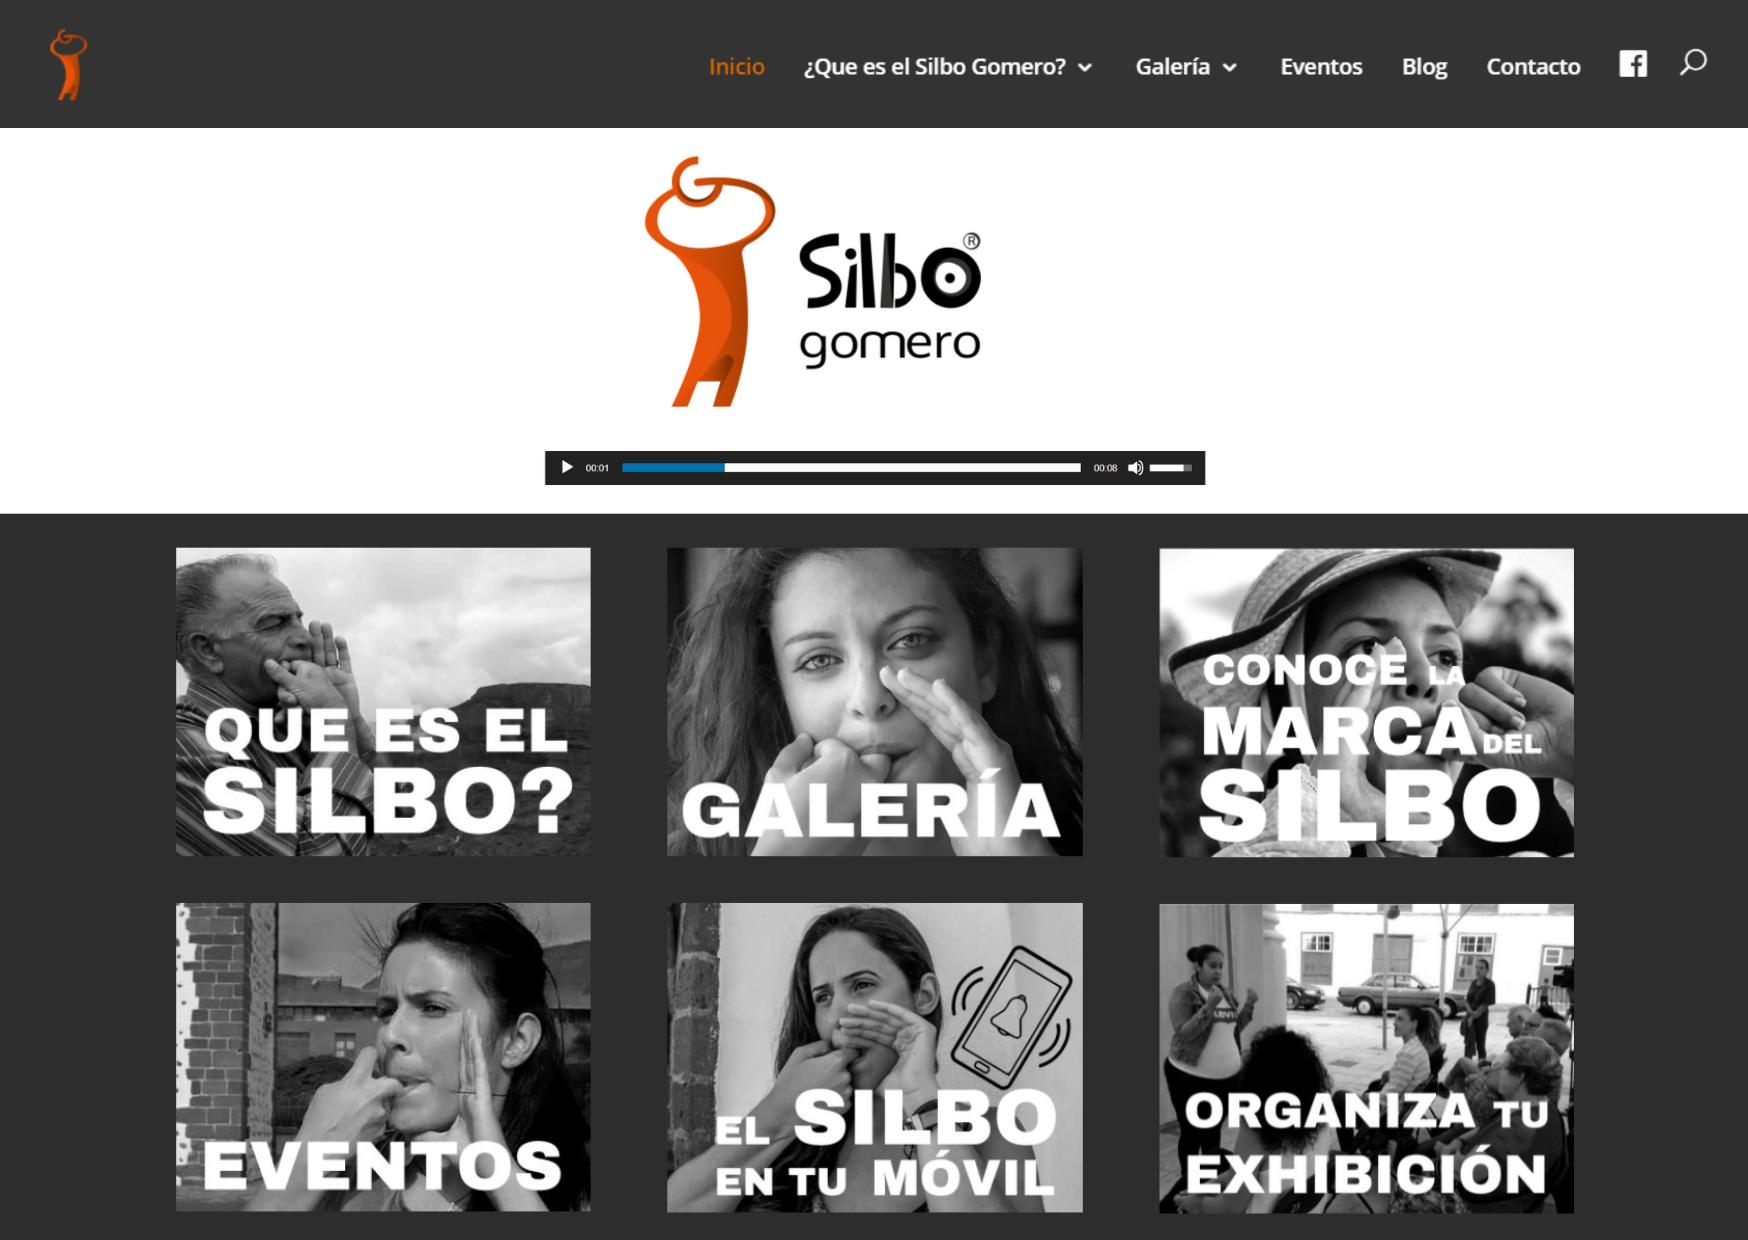 El Cabildo de la Gomera fomenta la divulgación del Silbo Gomero a través de las redes sociales